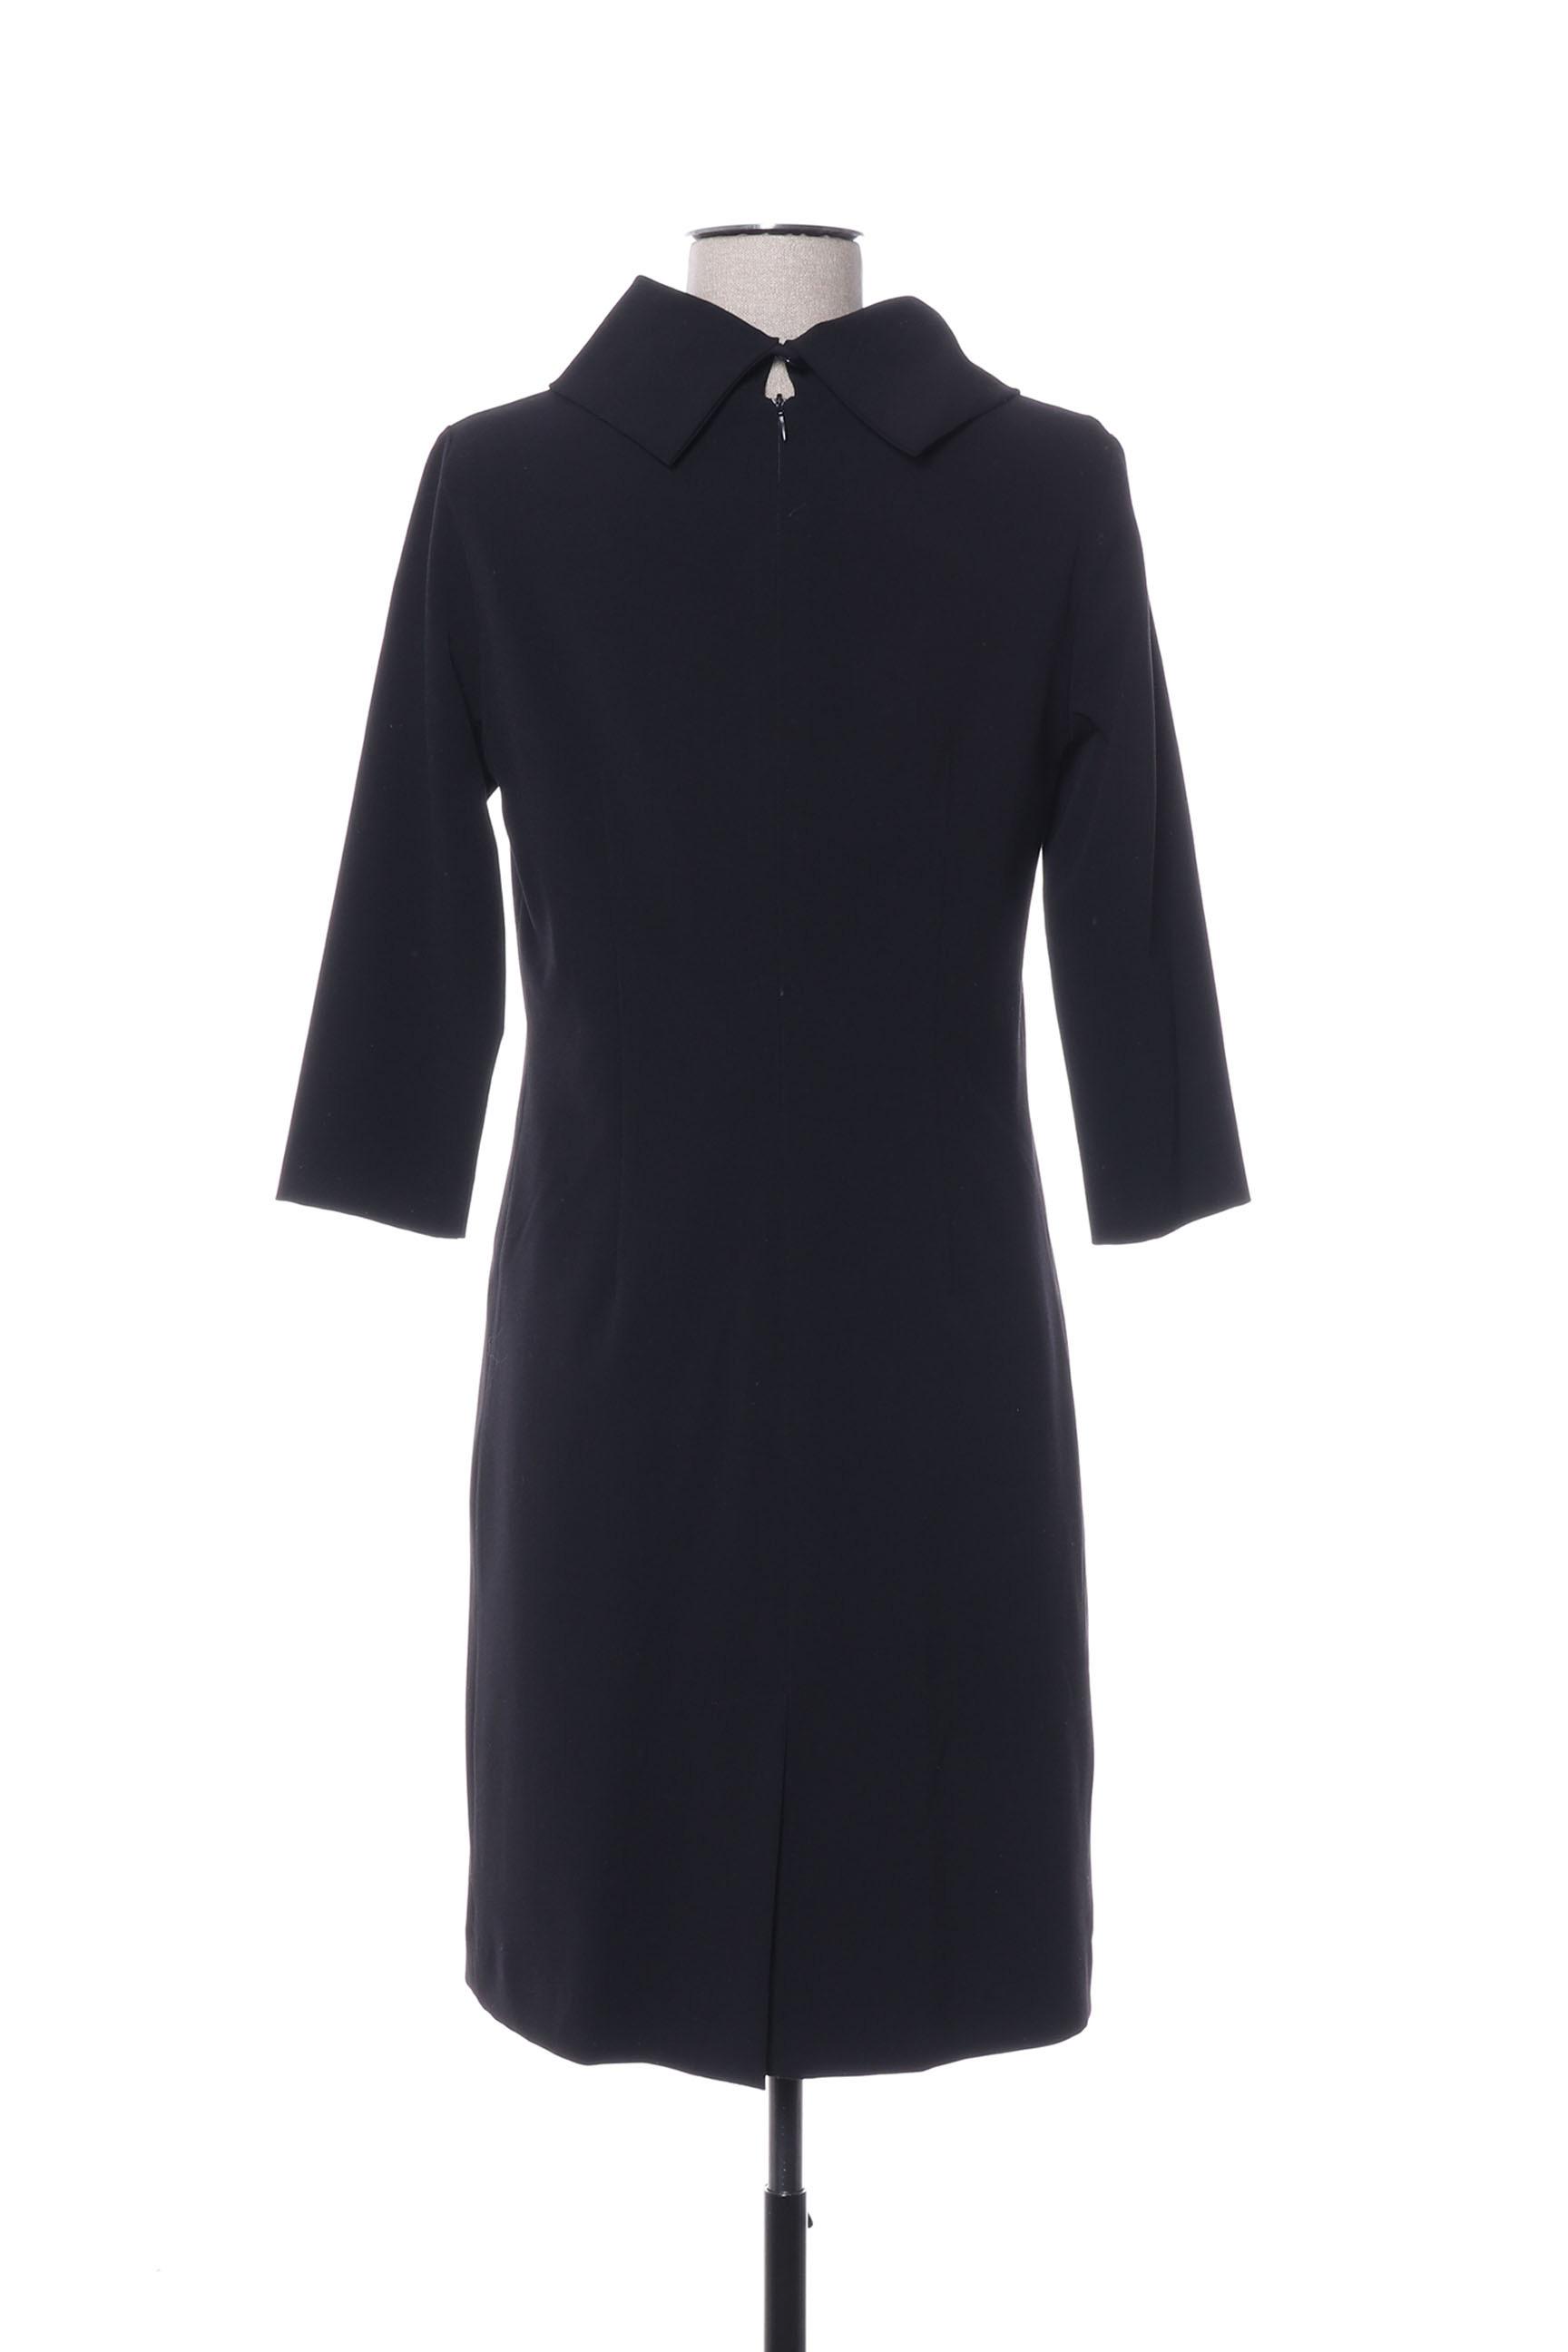 Garou Paris Robes Mi Longues Femme De Couleur Noir En Soldes Pas Cher 1418044-noir00